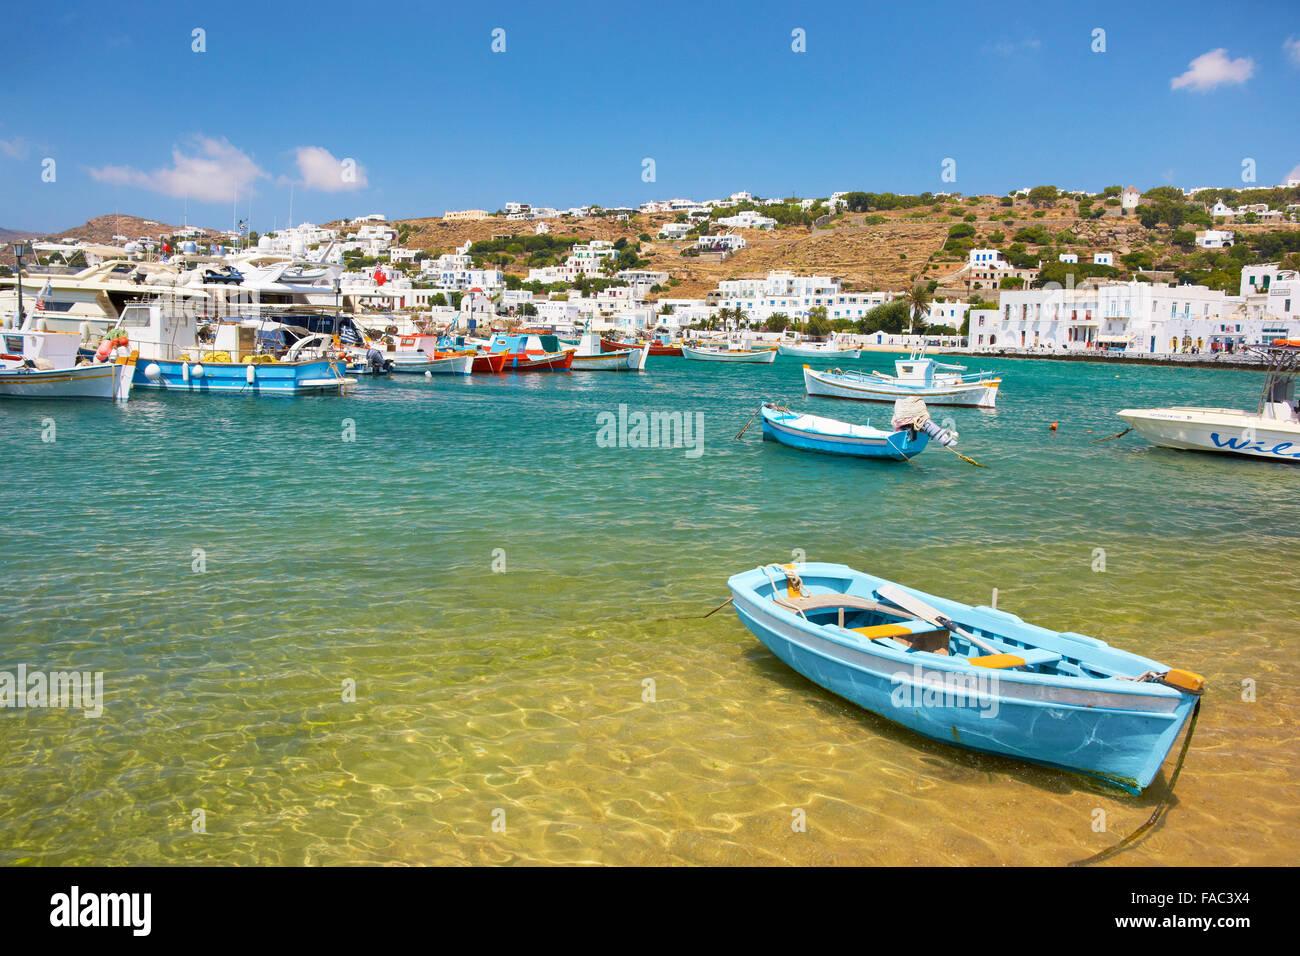 Mykonos - Islas Cícladas, Grecia Foto de stock